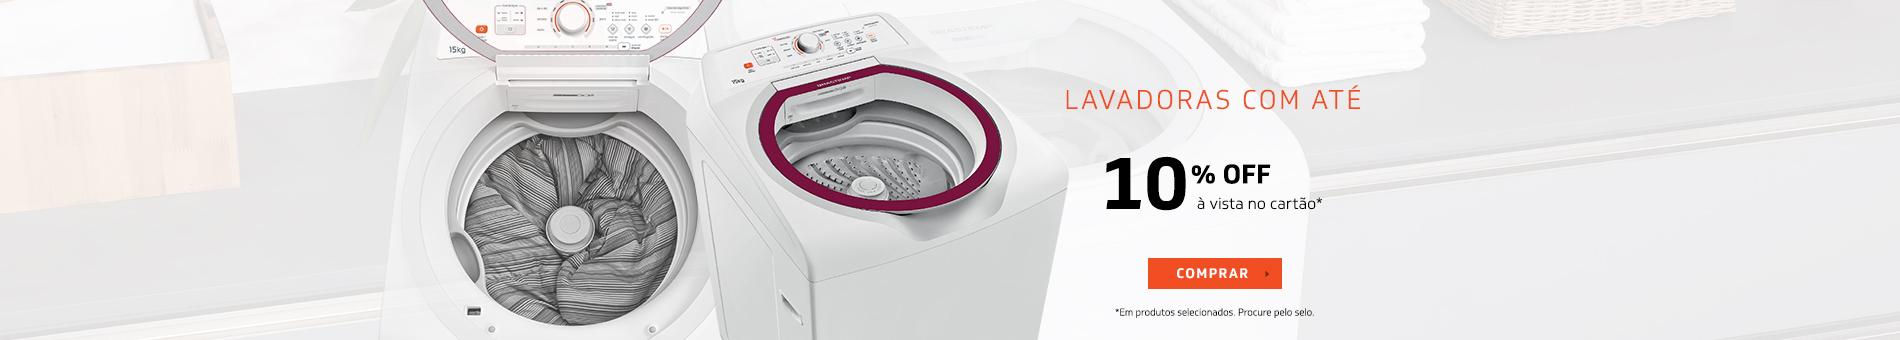 Promoção Interna - 2232 - camp-brastempmar_lavadoras-cartao_19032018_home5 - lavadoras-cartao - 5